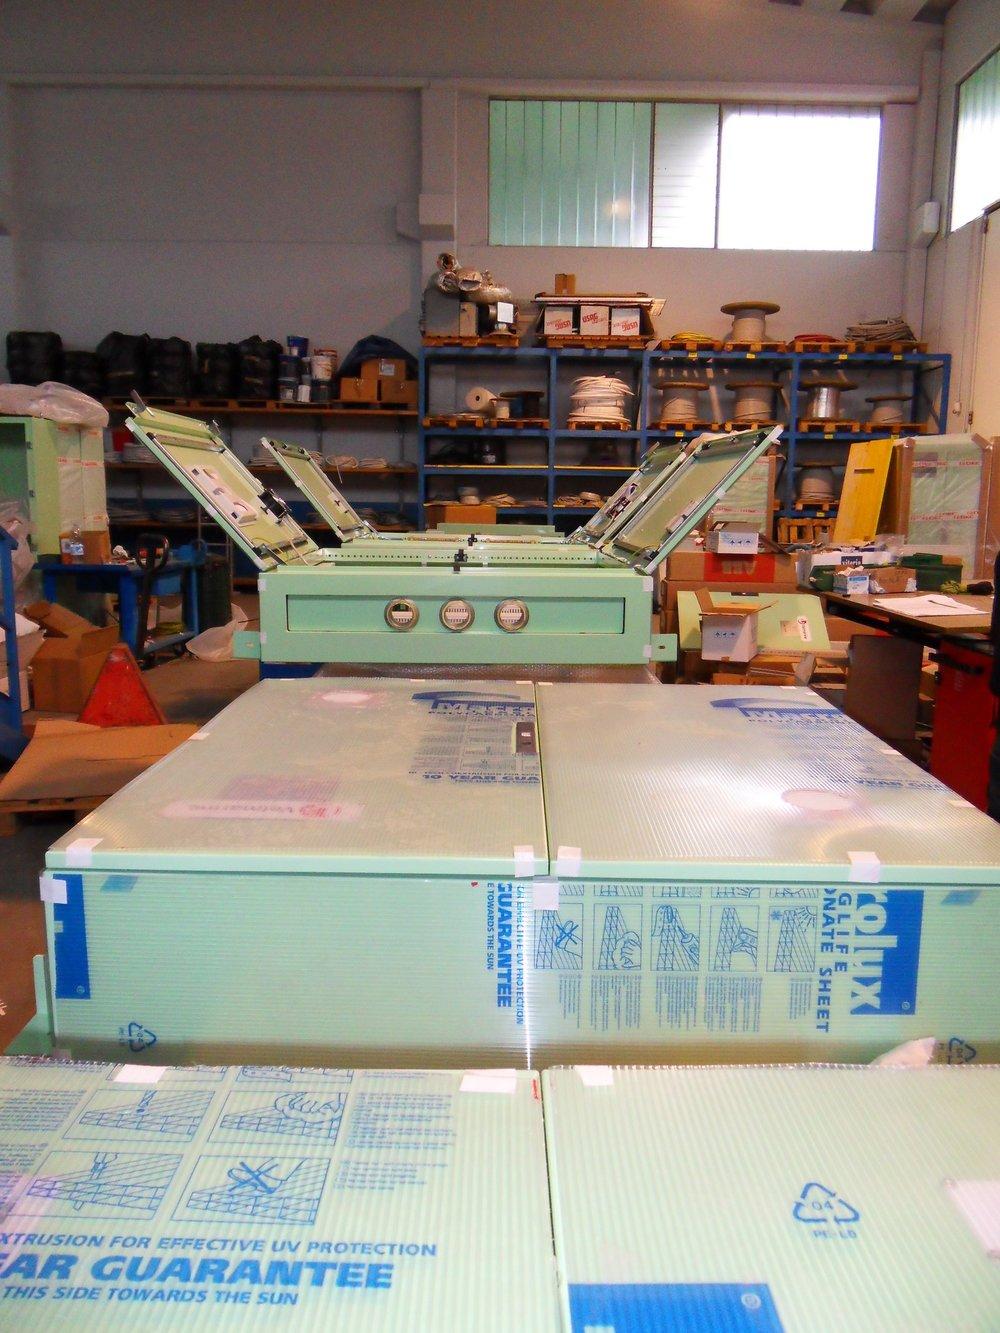 sirp impianti elettrici cuneo cherasco piemonte progettazione installazione manutenzione sistemi elettriciSDC10007.JPG